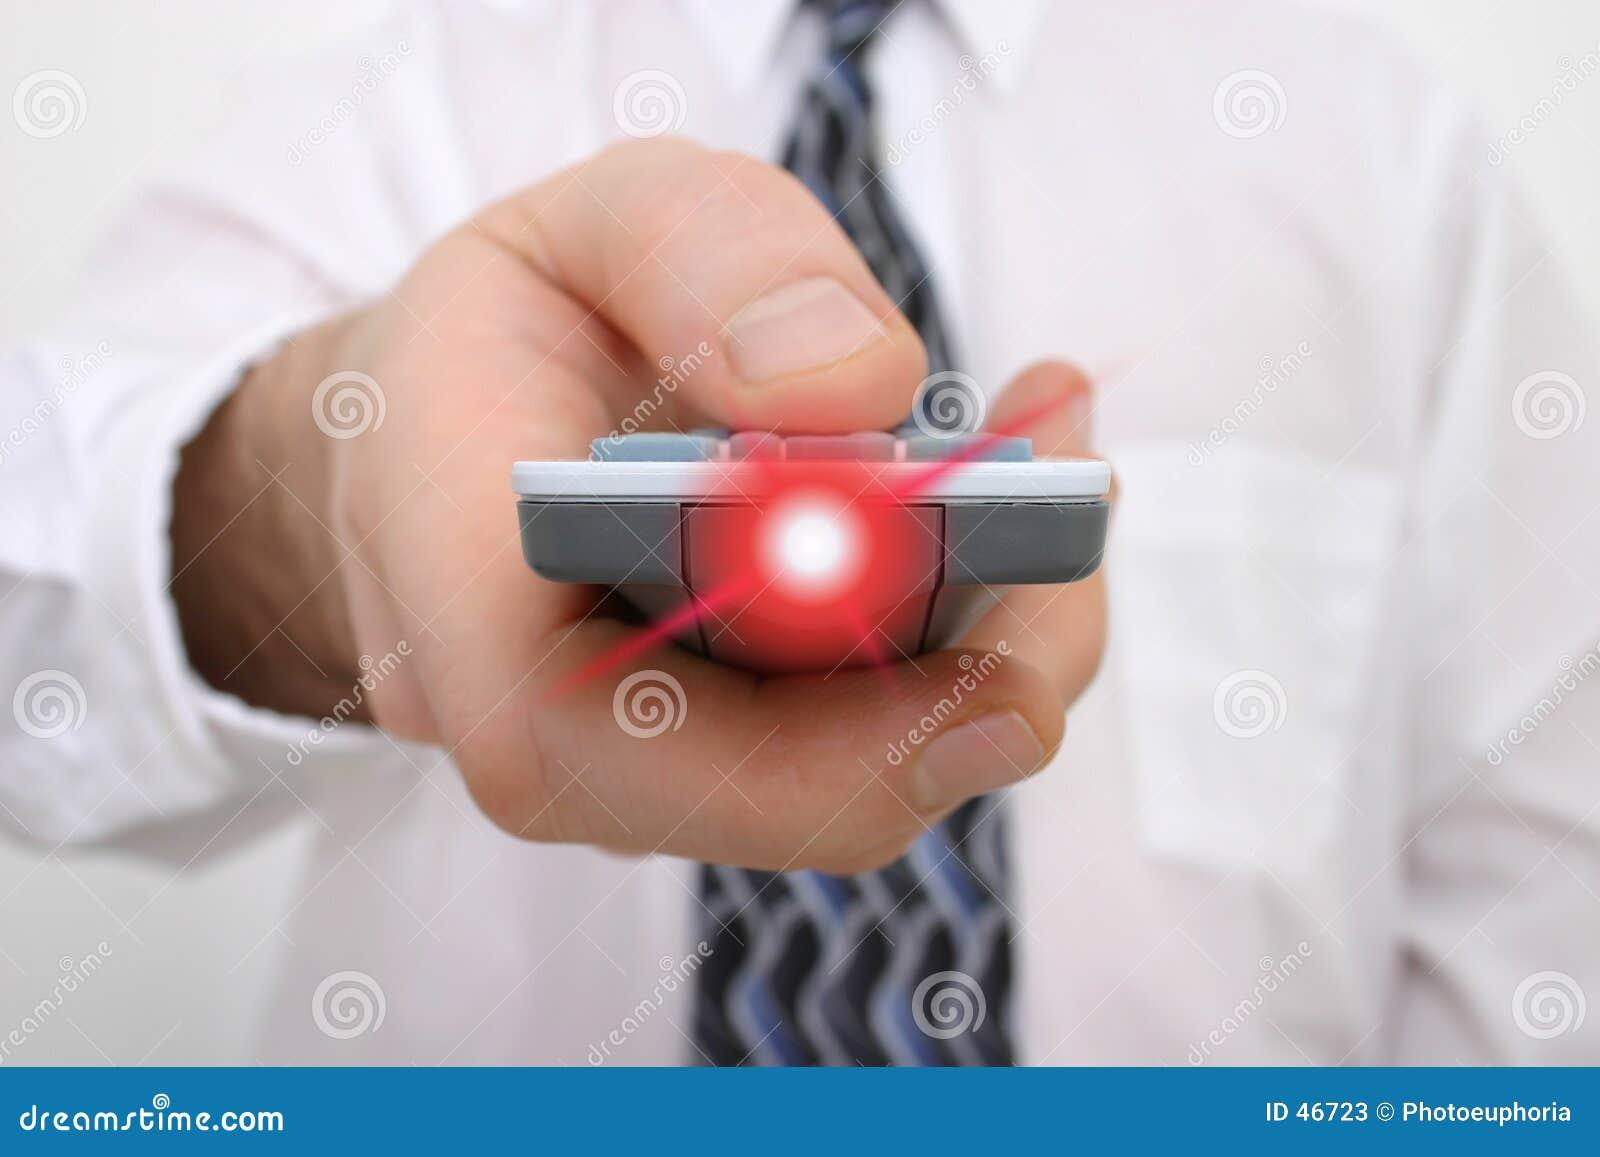 Mão do homem em um de controle remoto com a luz que irradia-se do telecontrole